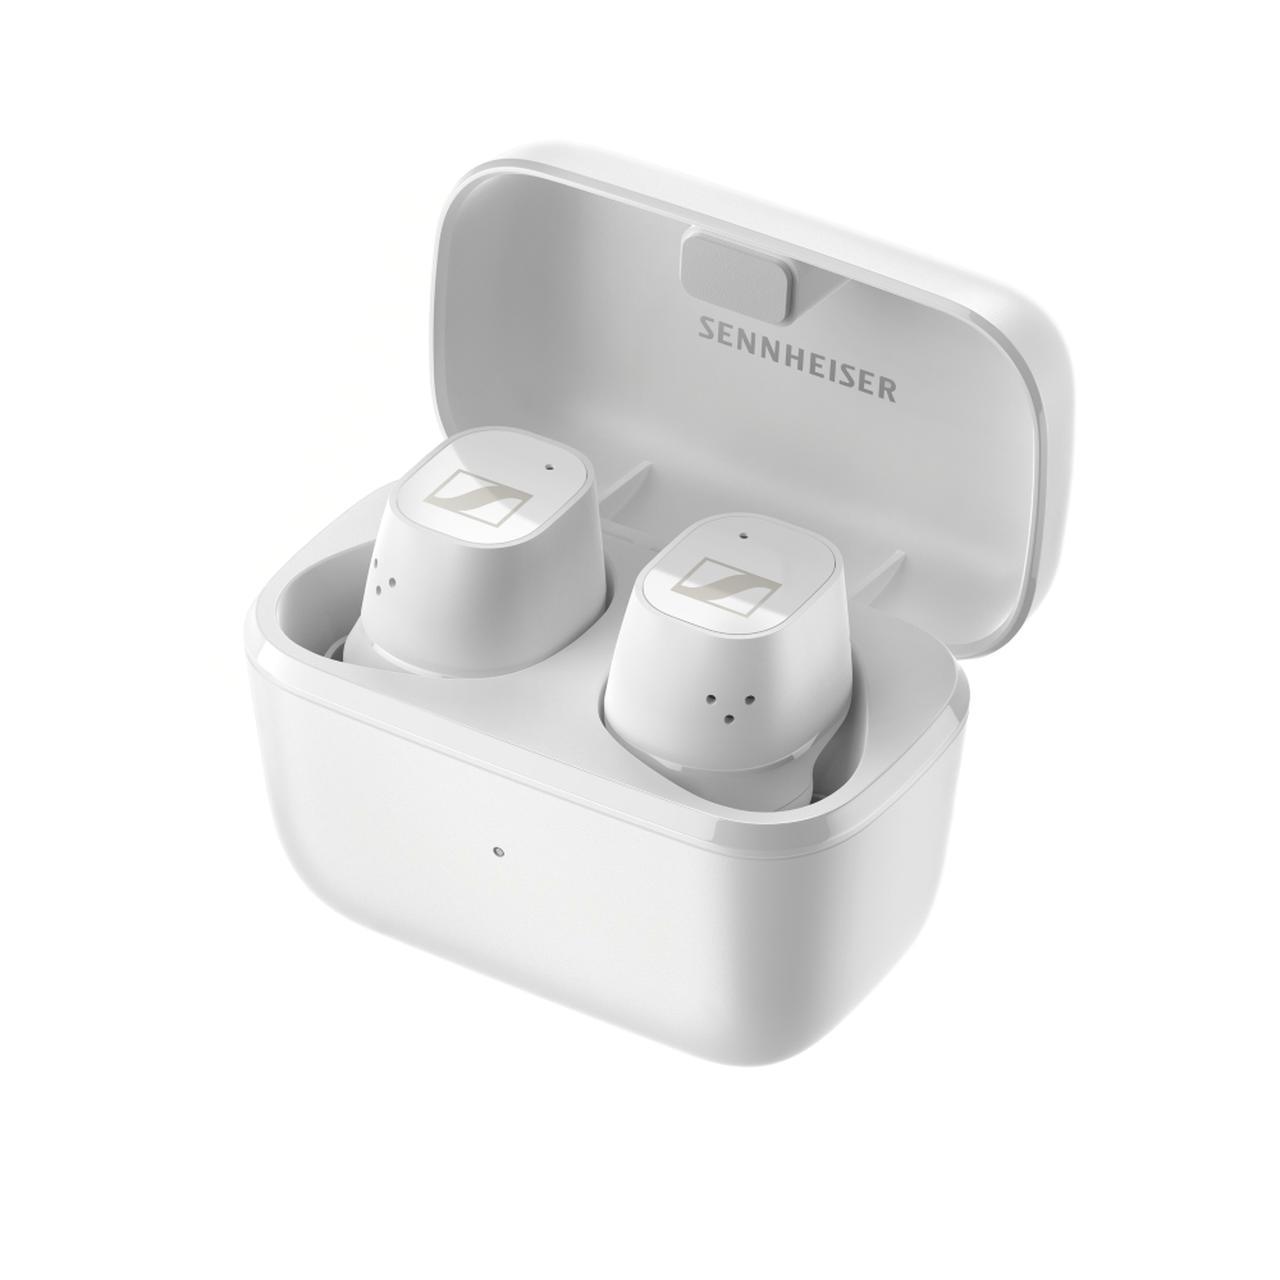 画像2: ゼンハイザー、さらに音質を高めた完全ワイヤレスイヤホン「CX Plus True Wireless」を9月28日に発売